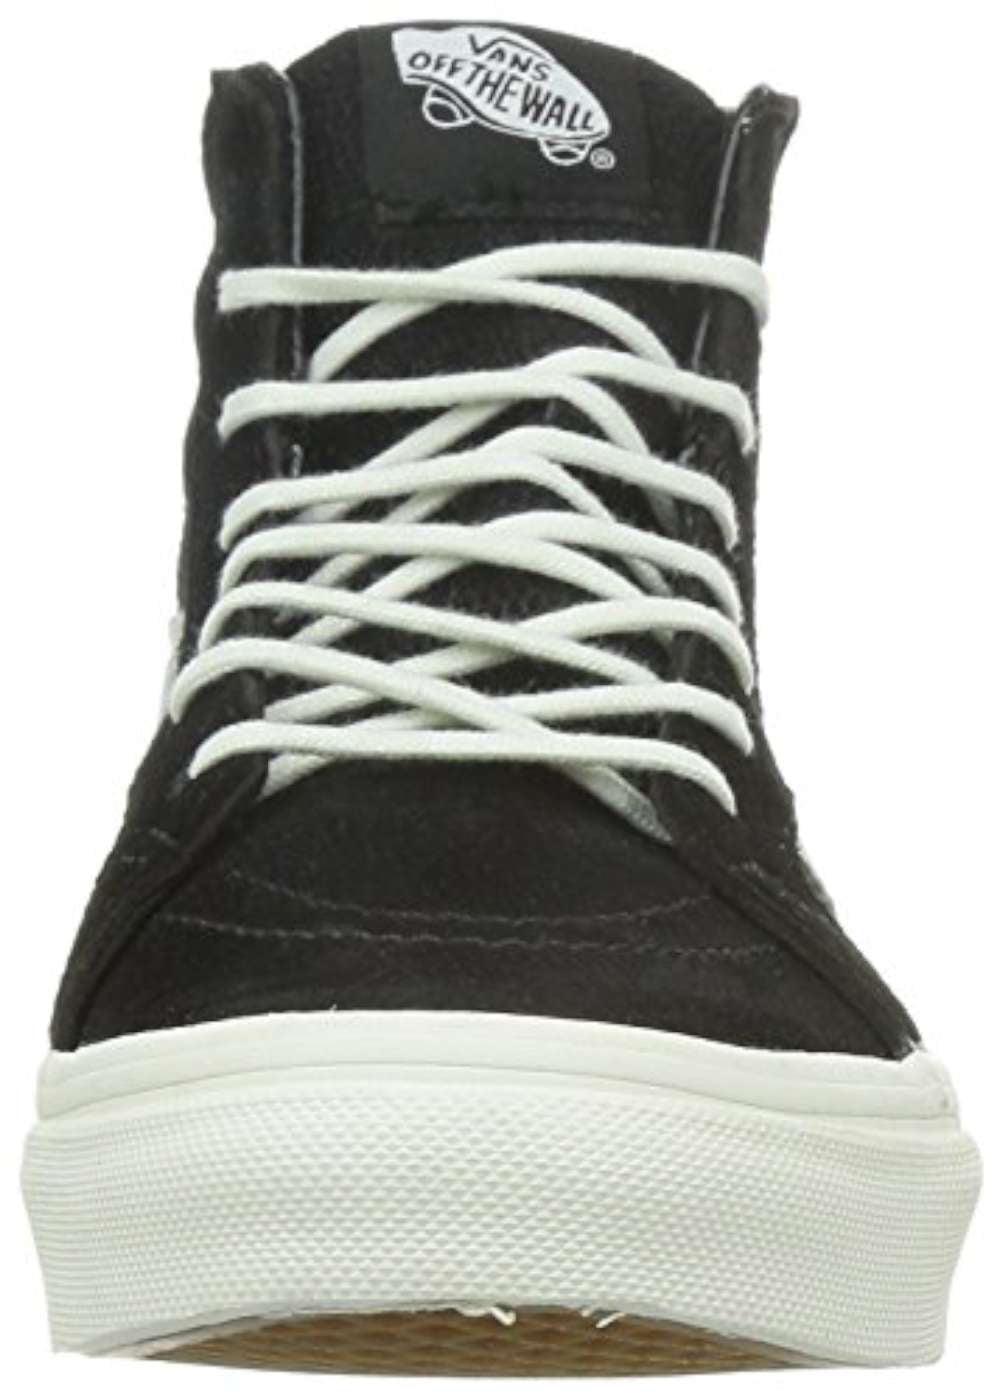 3dcf46d2c775dc Vans - Vans Sk8-Hi Slim Zip Lizard Emboss Black   Blanc De High-Top  Skateboarding Shoe - 7M 5.5M - Walmart.com